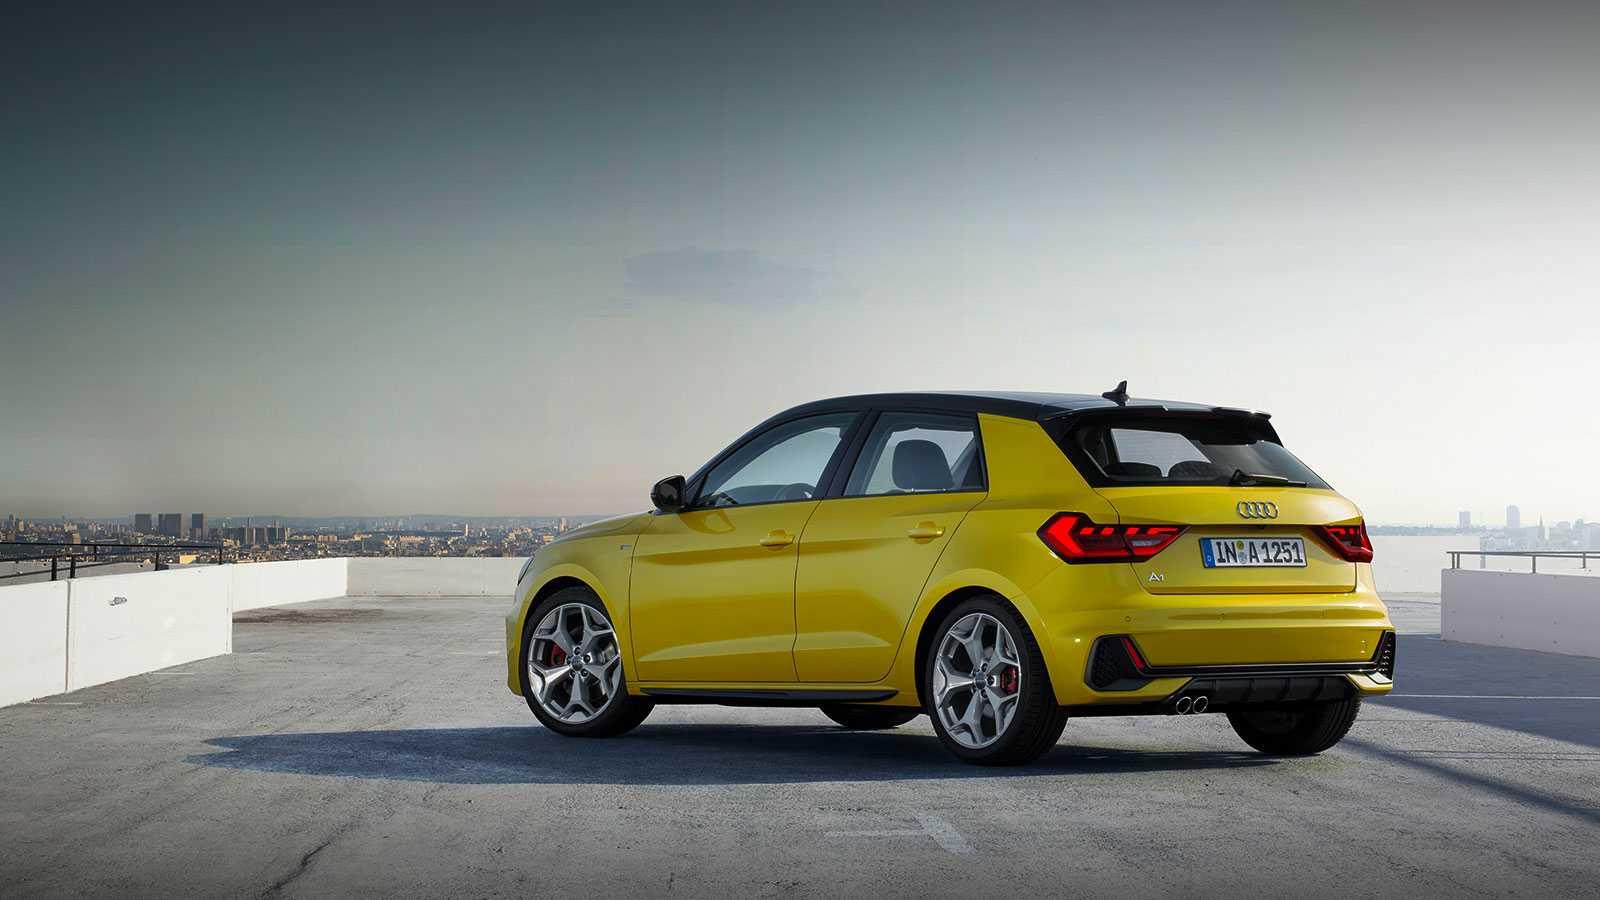 Al Fin Tenemos El Nuevo Audi A1 En Chile